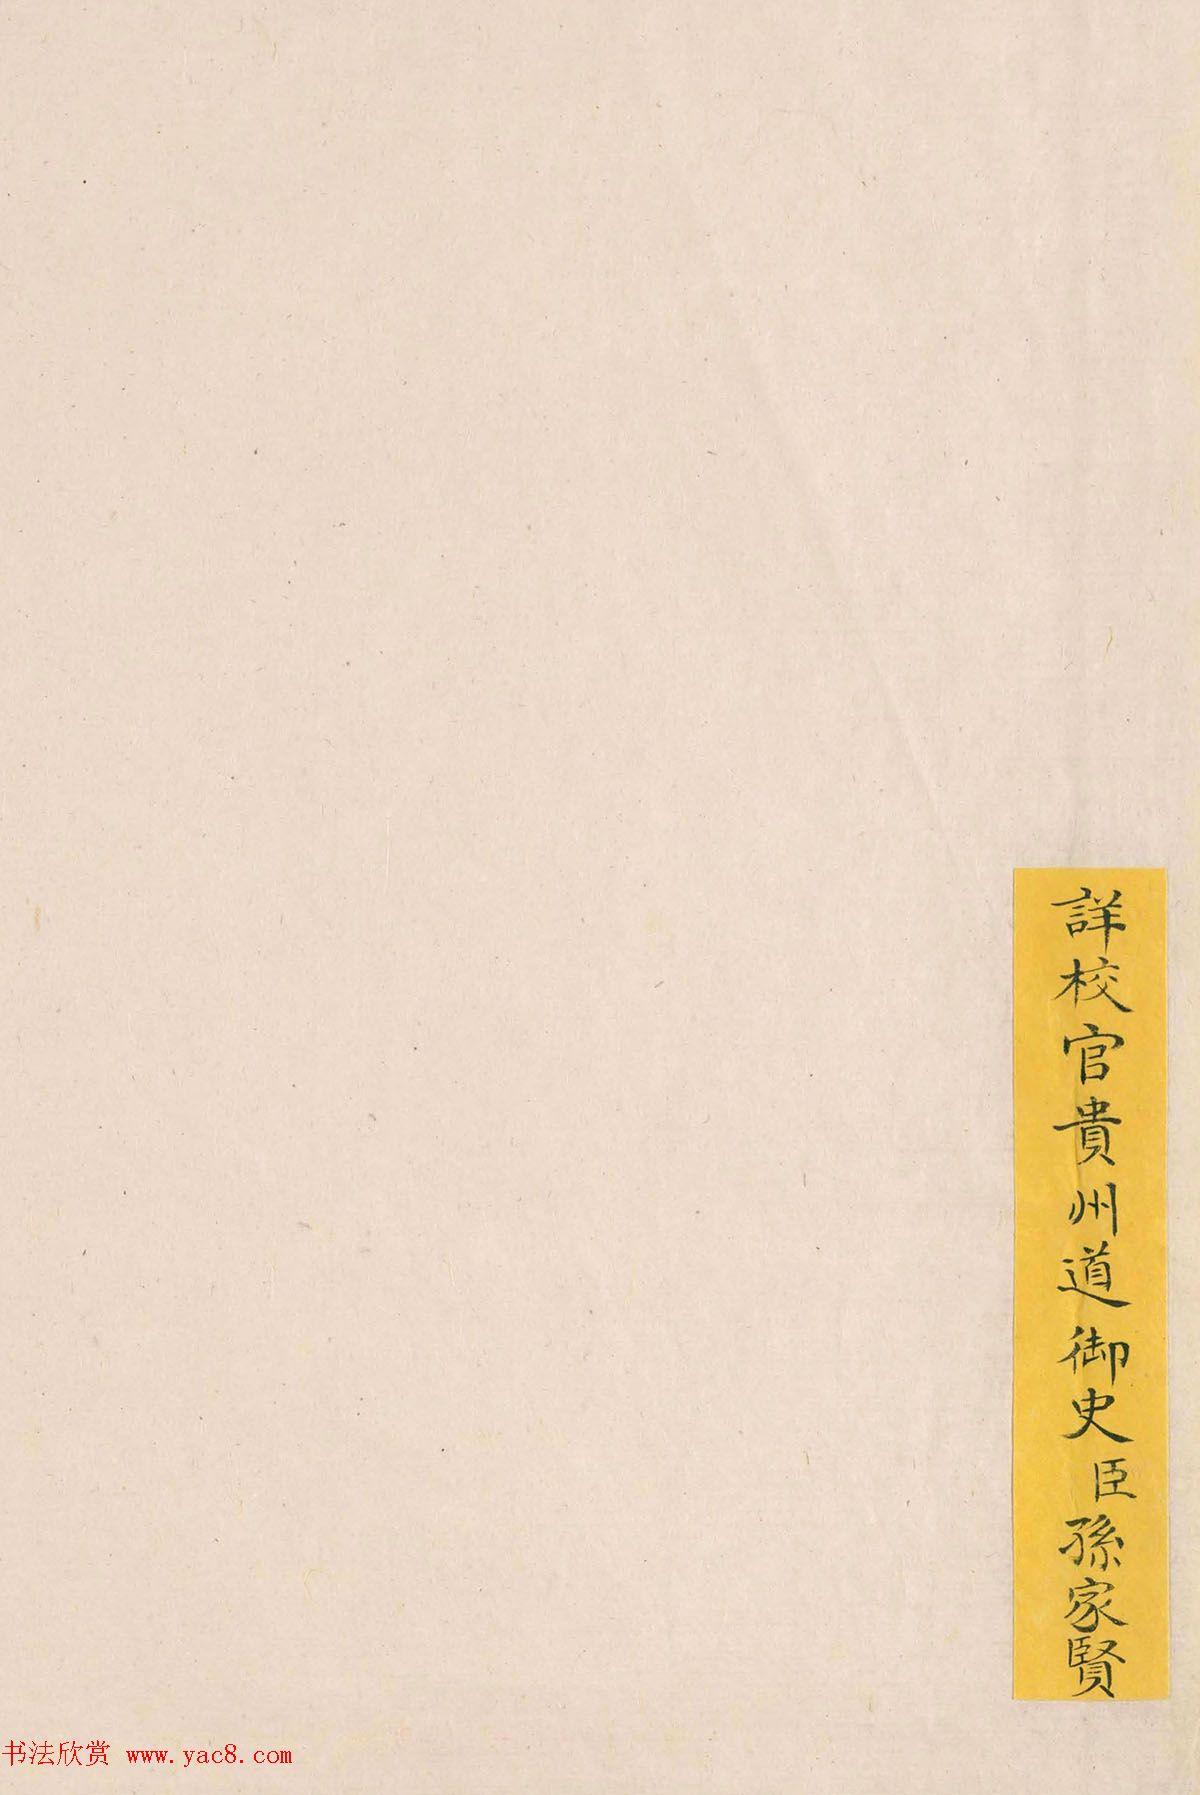 钦定四库全书子部《珞琭子赋注》文澜阁抄本